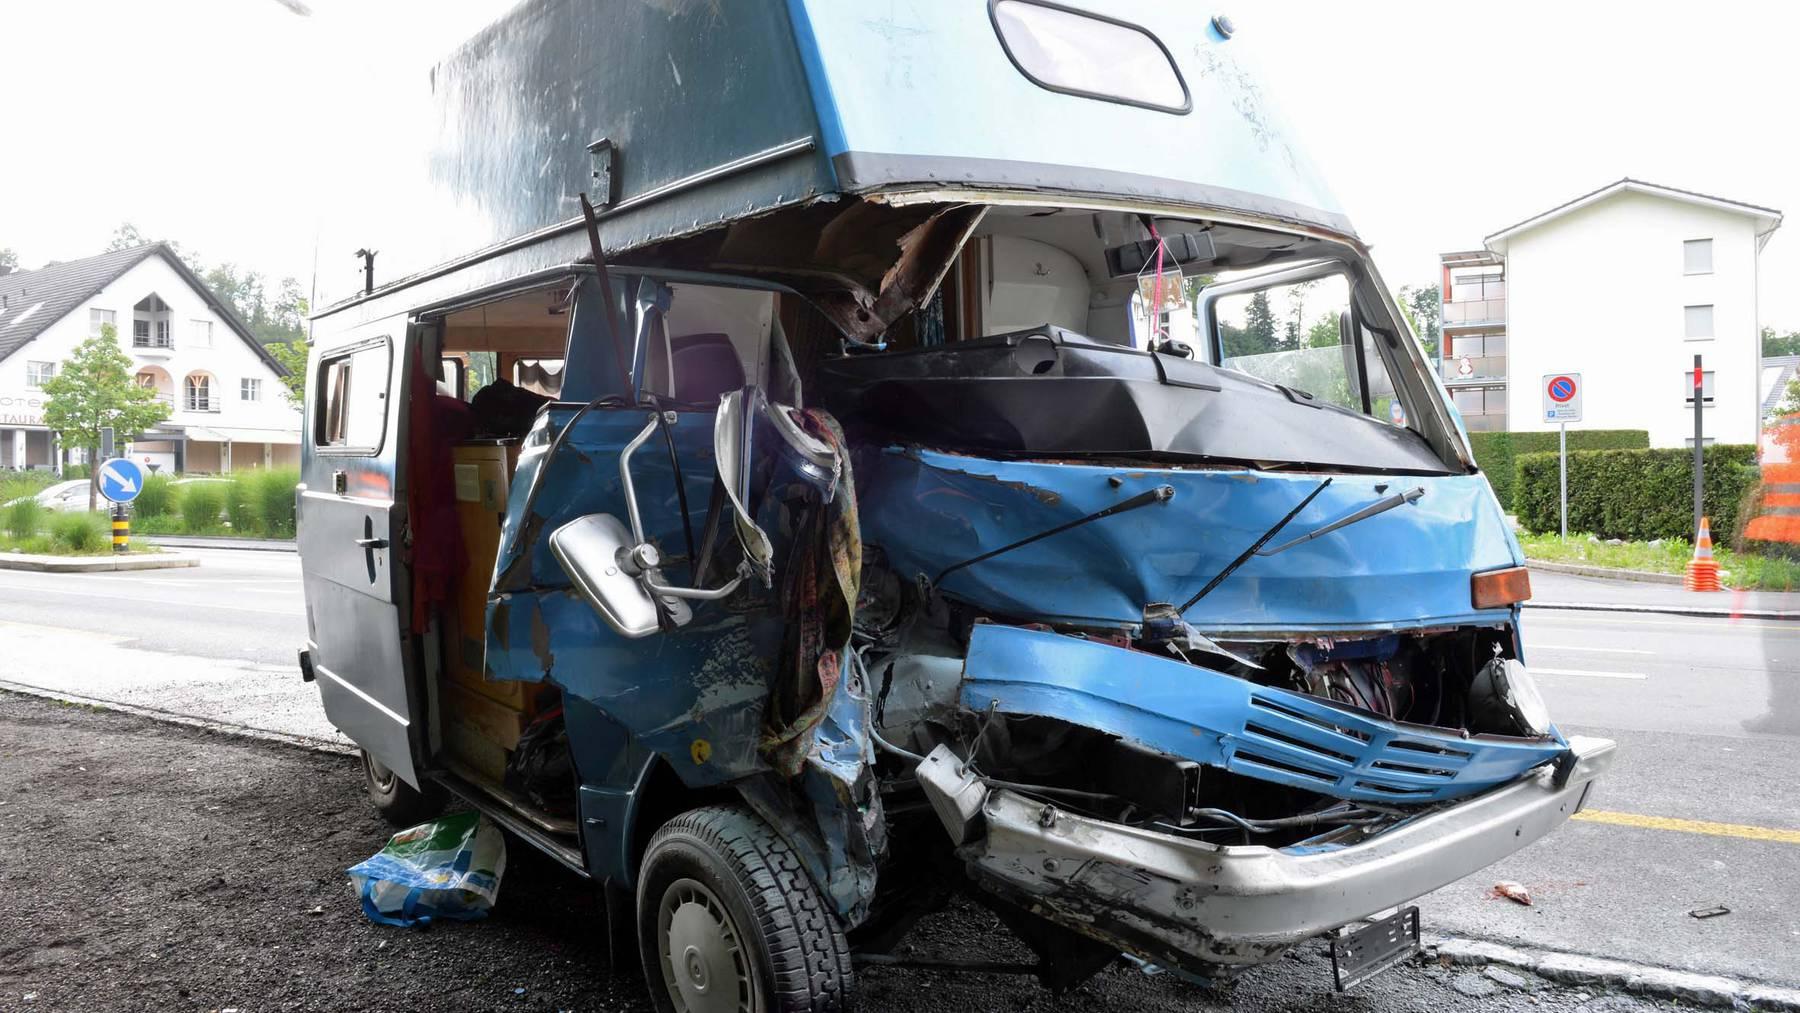 Beifahrerin in Wohnmobil eingeklemmt